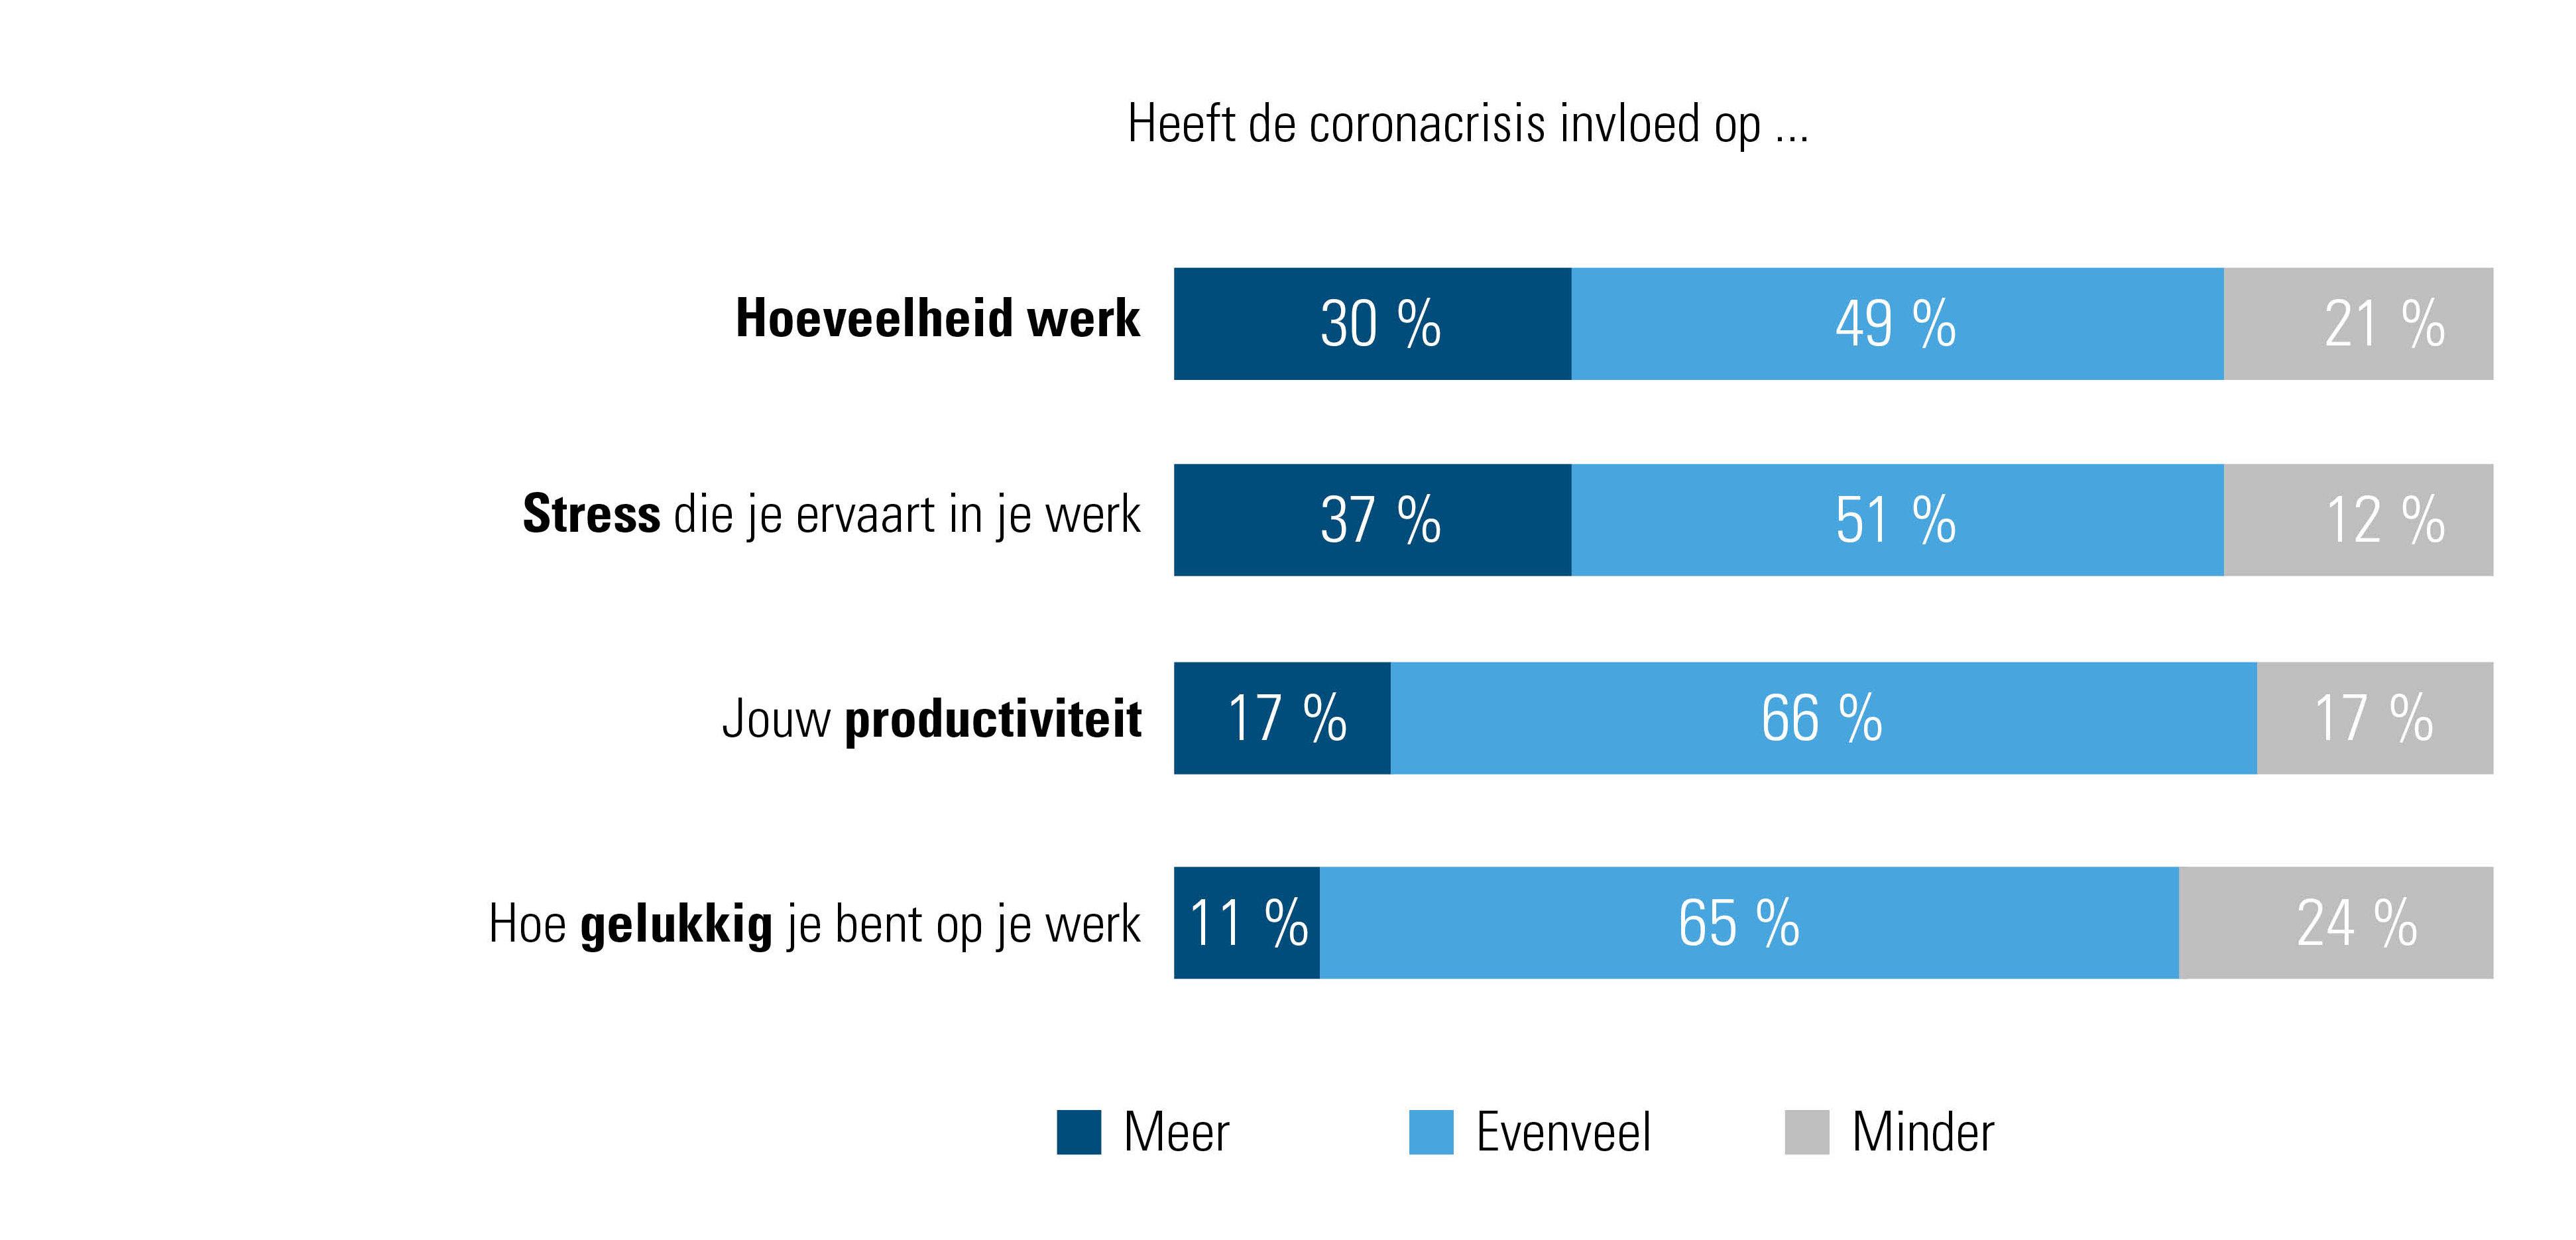 Invloed van corona op werkdruk, stress, productiviteit en geluk